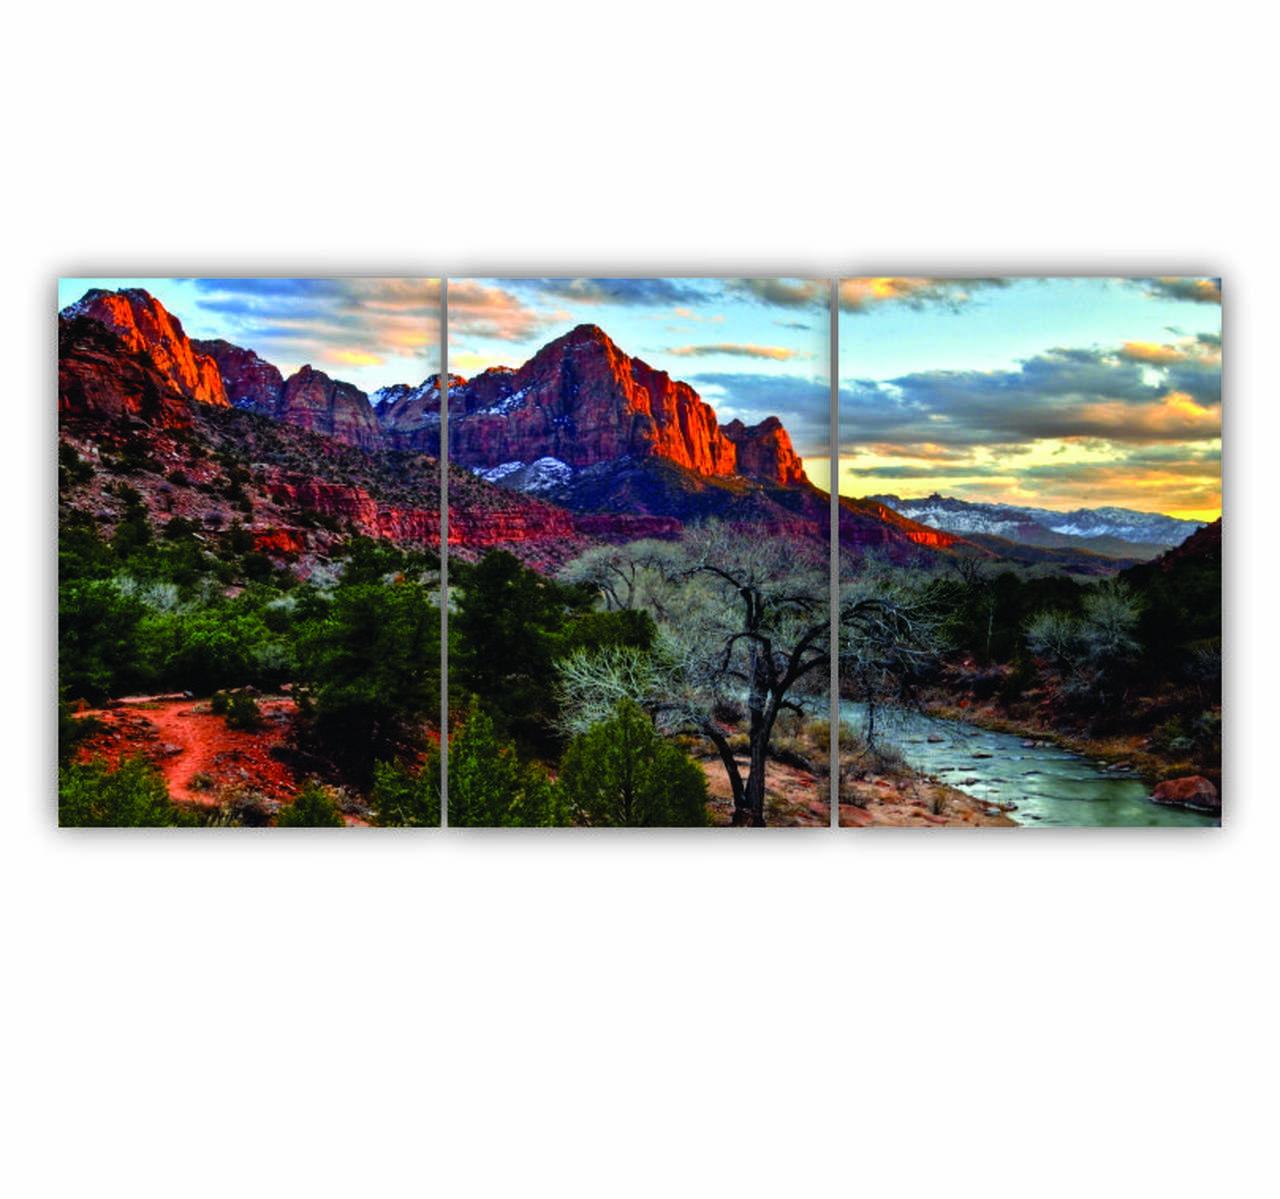 Quadro Montanhas Vermelhas Cores Vibrantes - Kit 3 telas